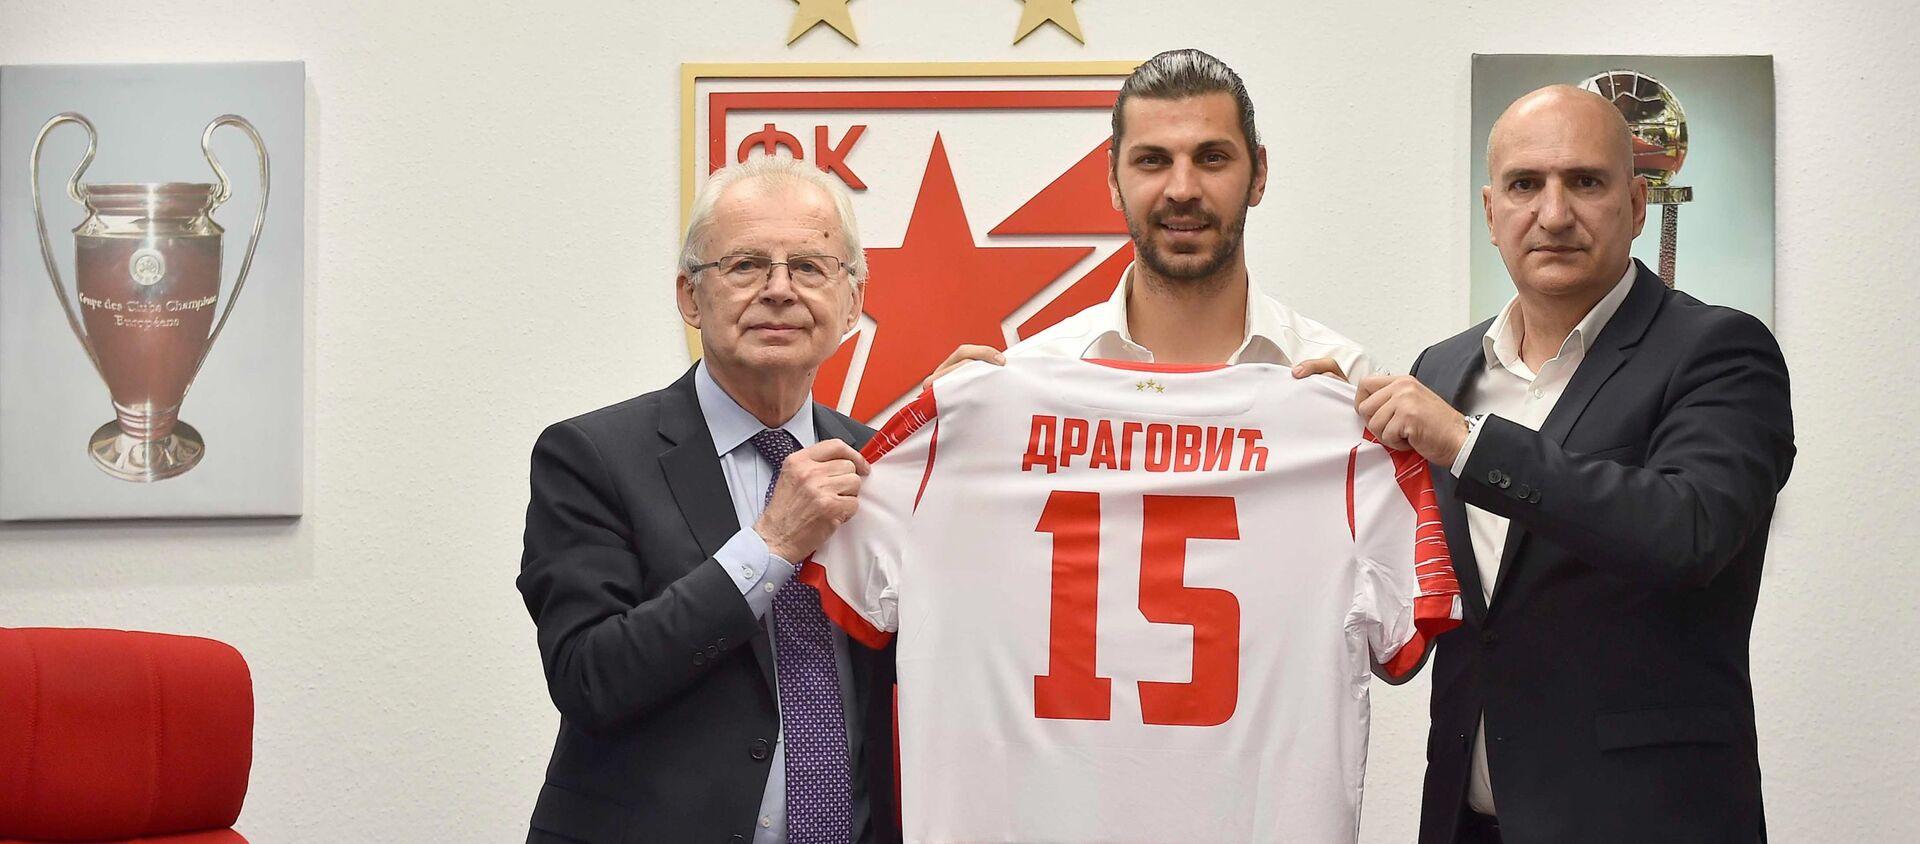 Aleksandar Dragović - Sputnik Srbija, 1920, 26.05.2021